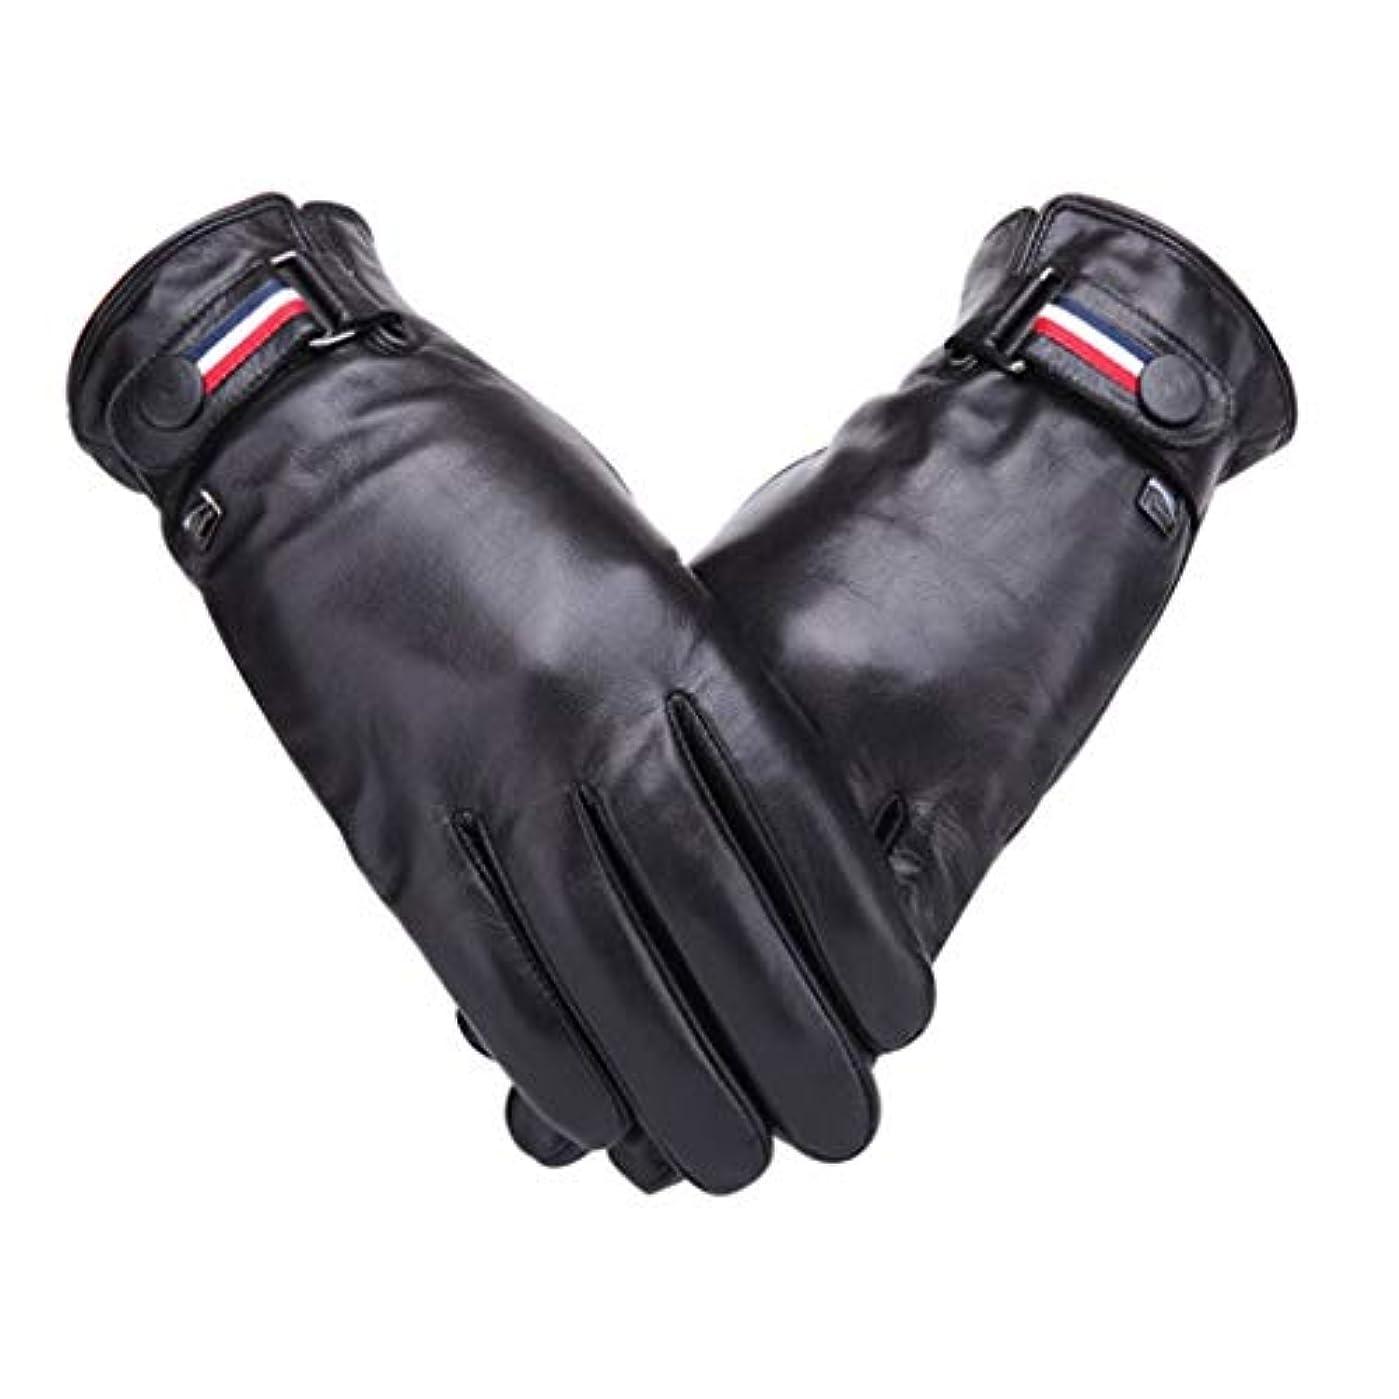 羊皮の手袋の男性秋と冬のサイクリングwindproof暖かいプラスベルベットの肥厚の男性の手袋